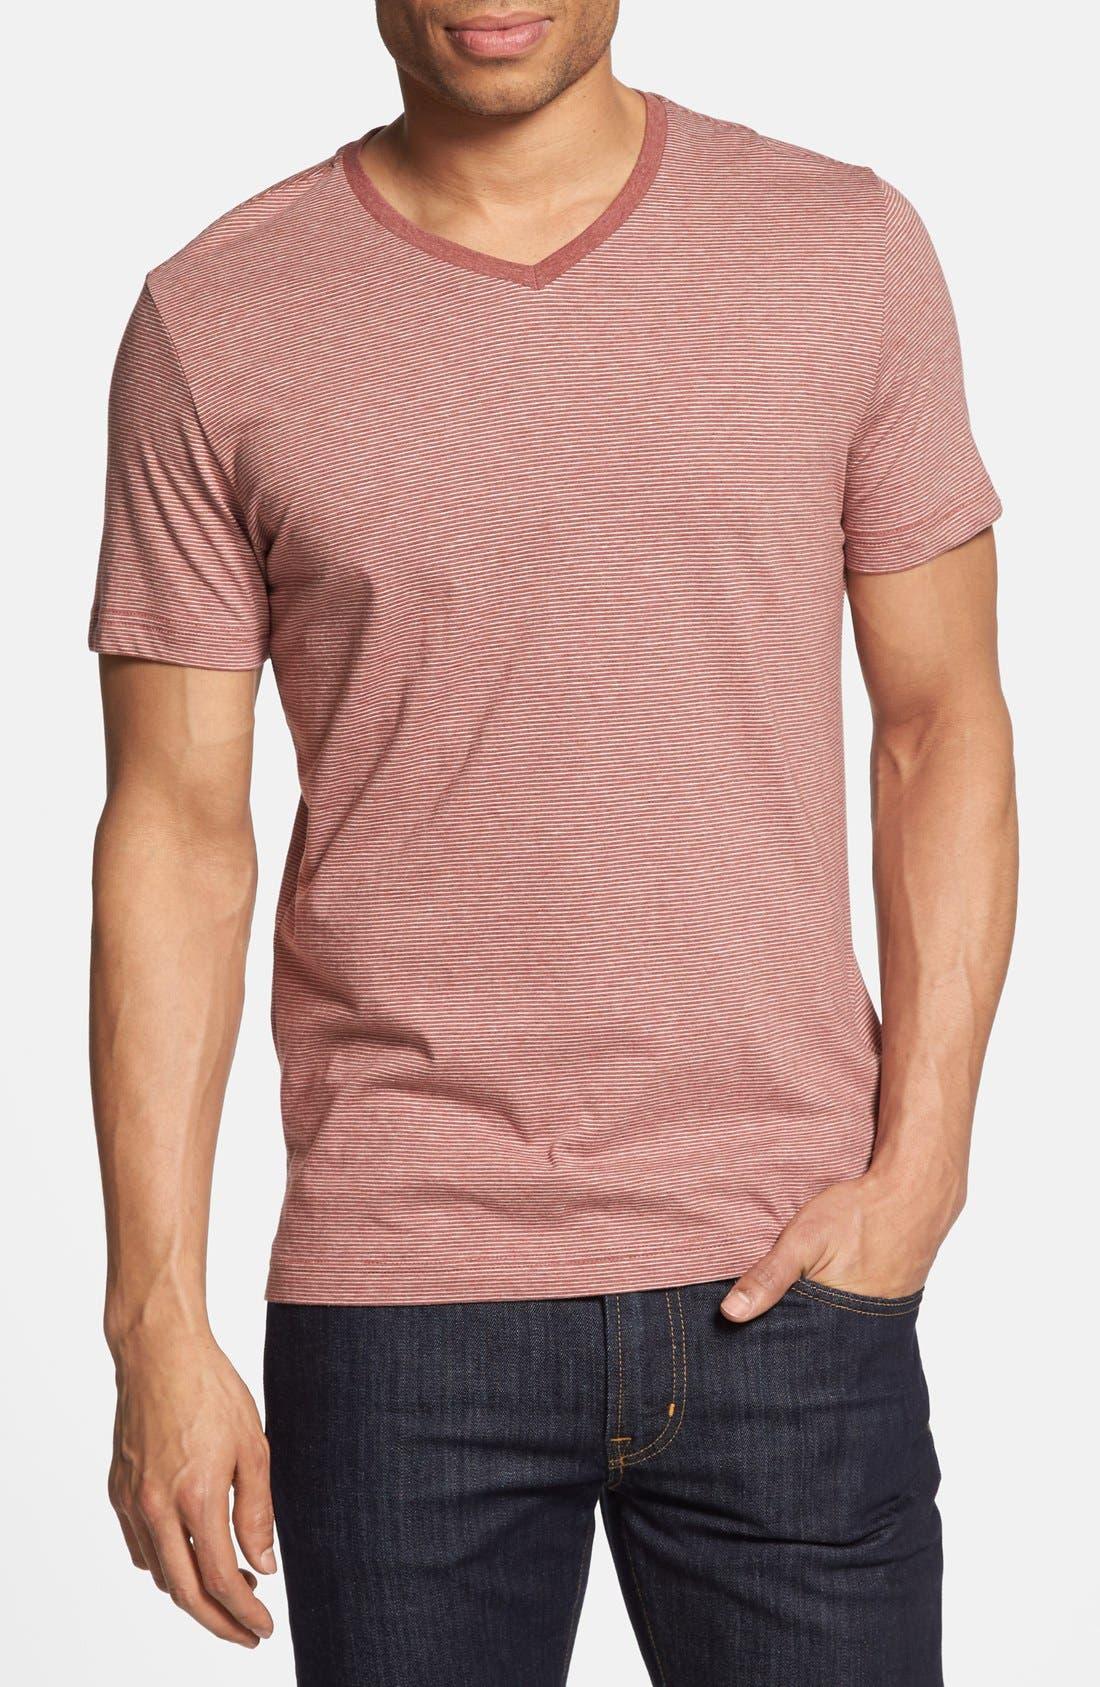 Alternate Image 1 Selected - Robert Barakett 'Caesar' V-Neck T-Shirt